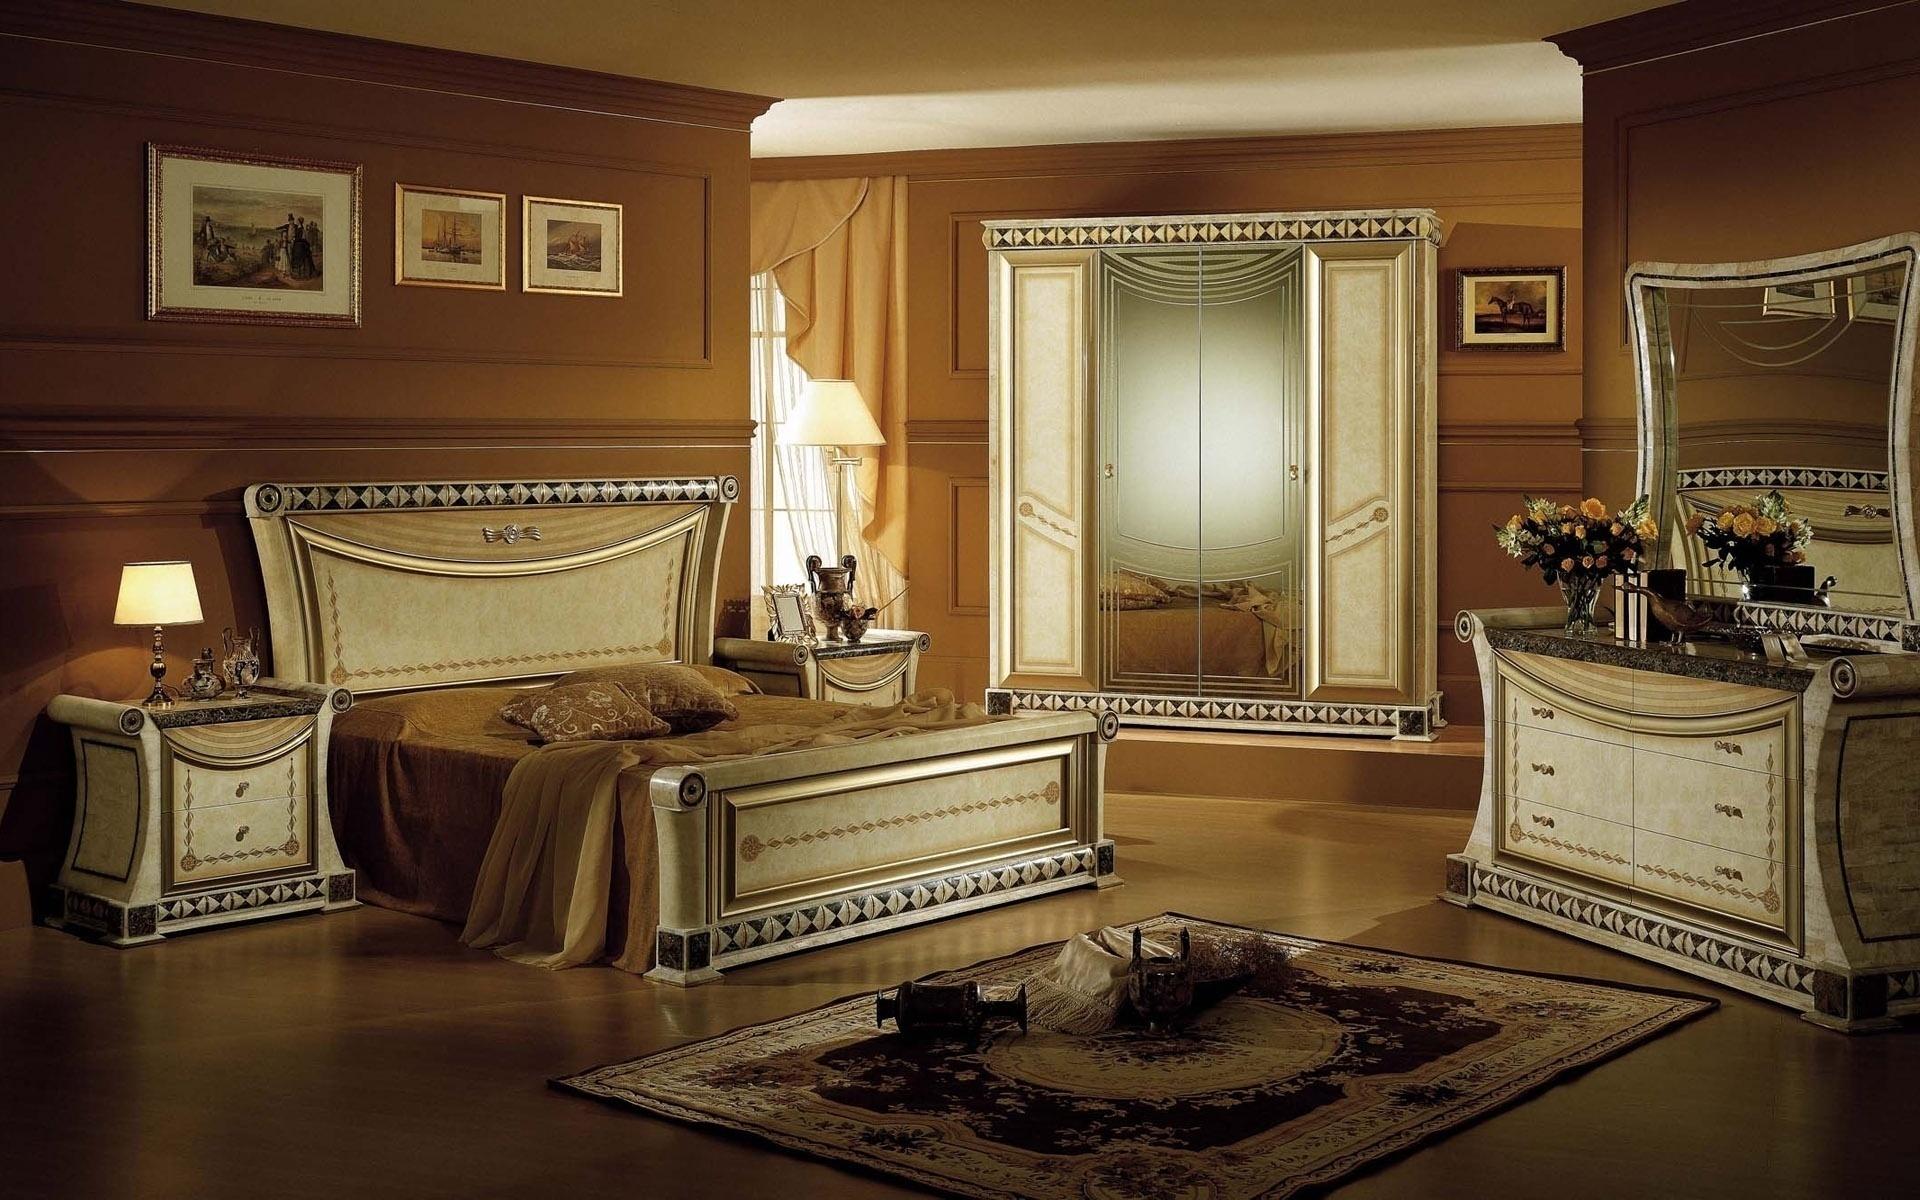 Ковер в интерьере спальной комнаты